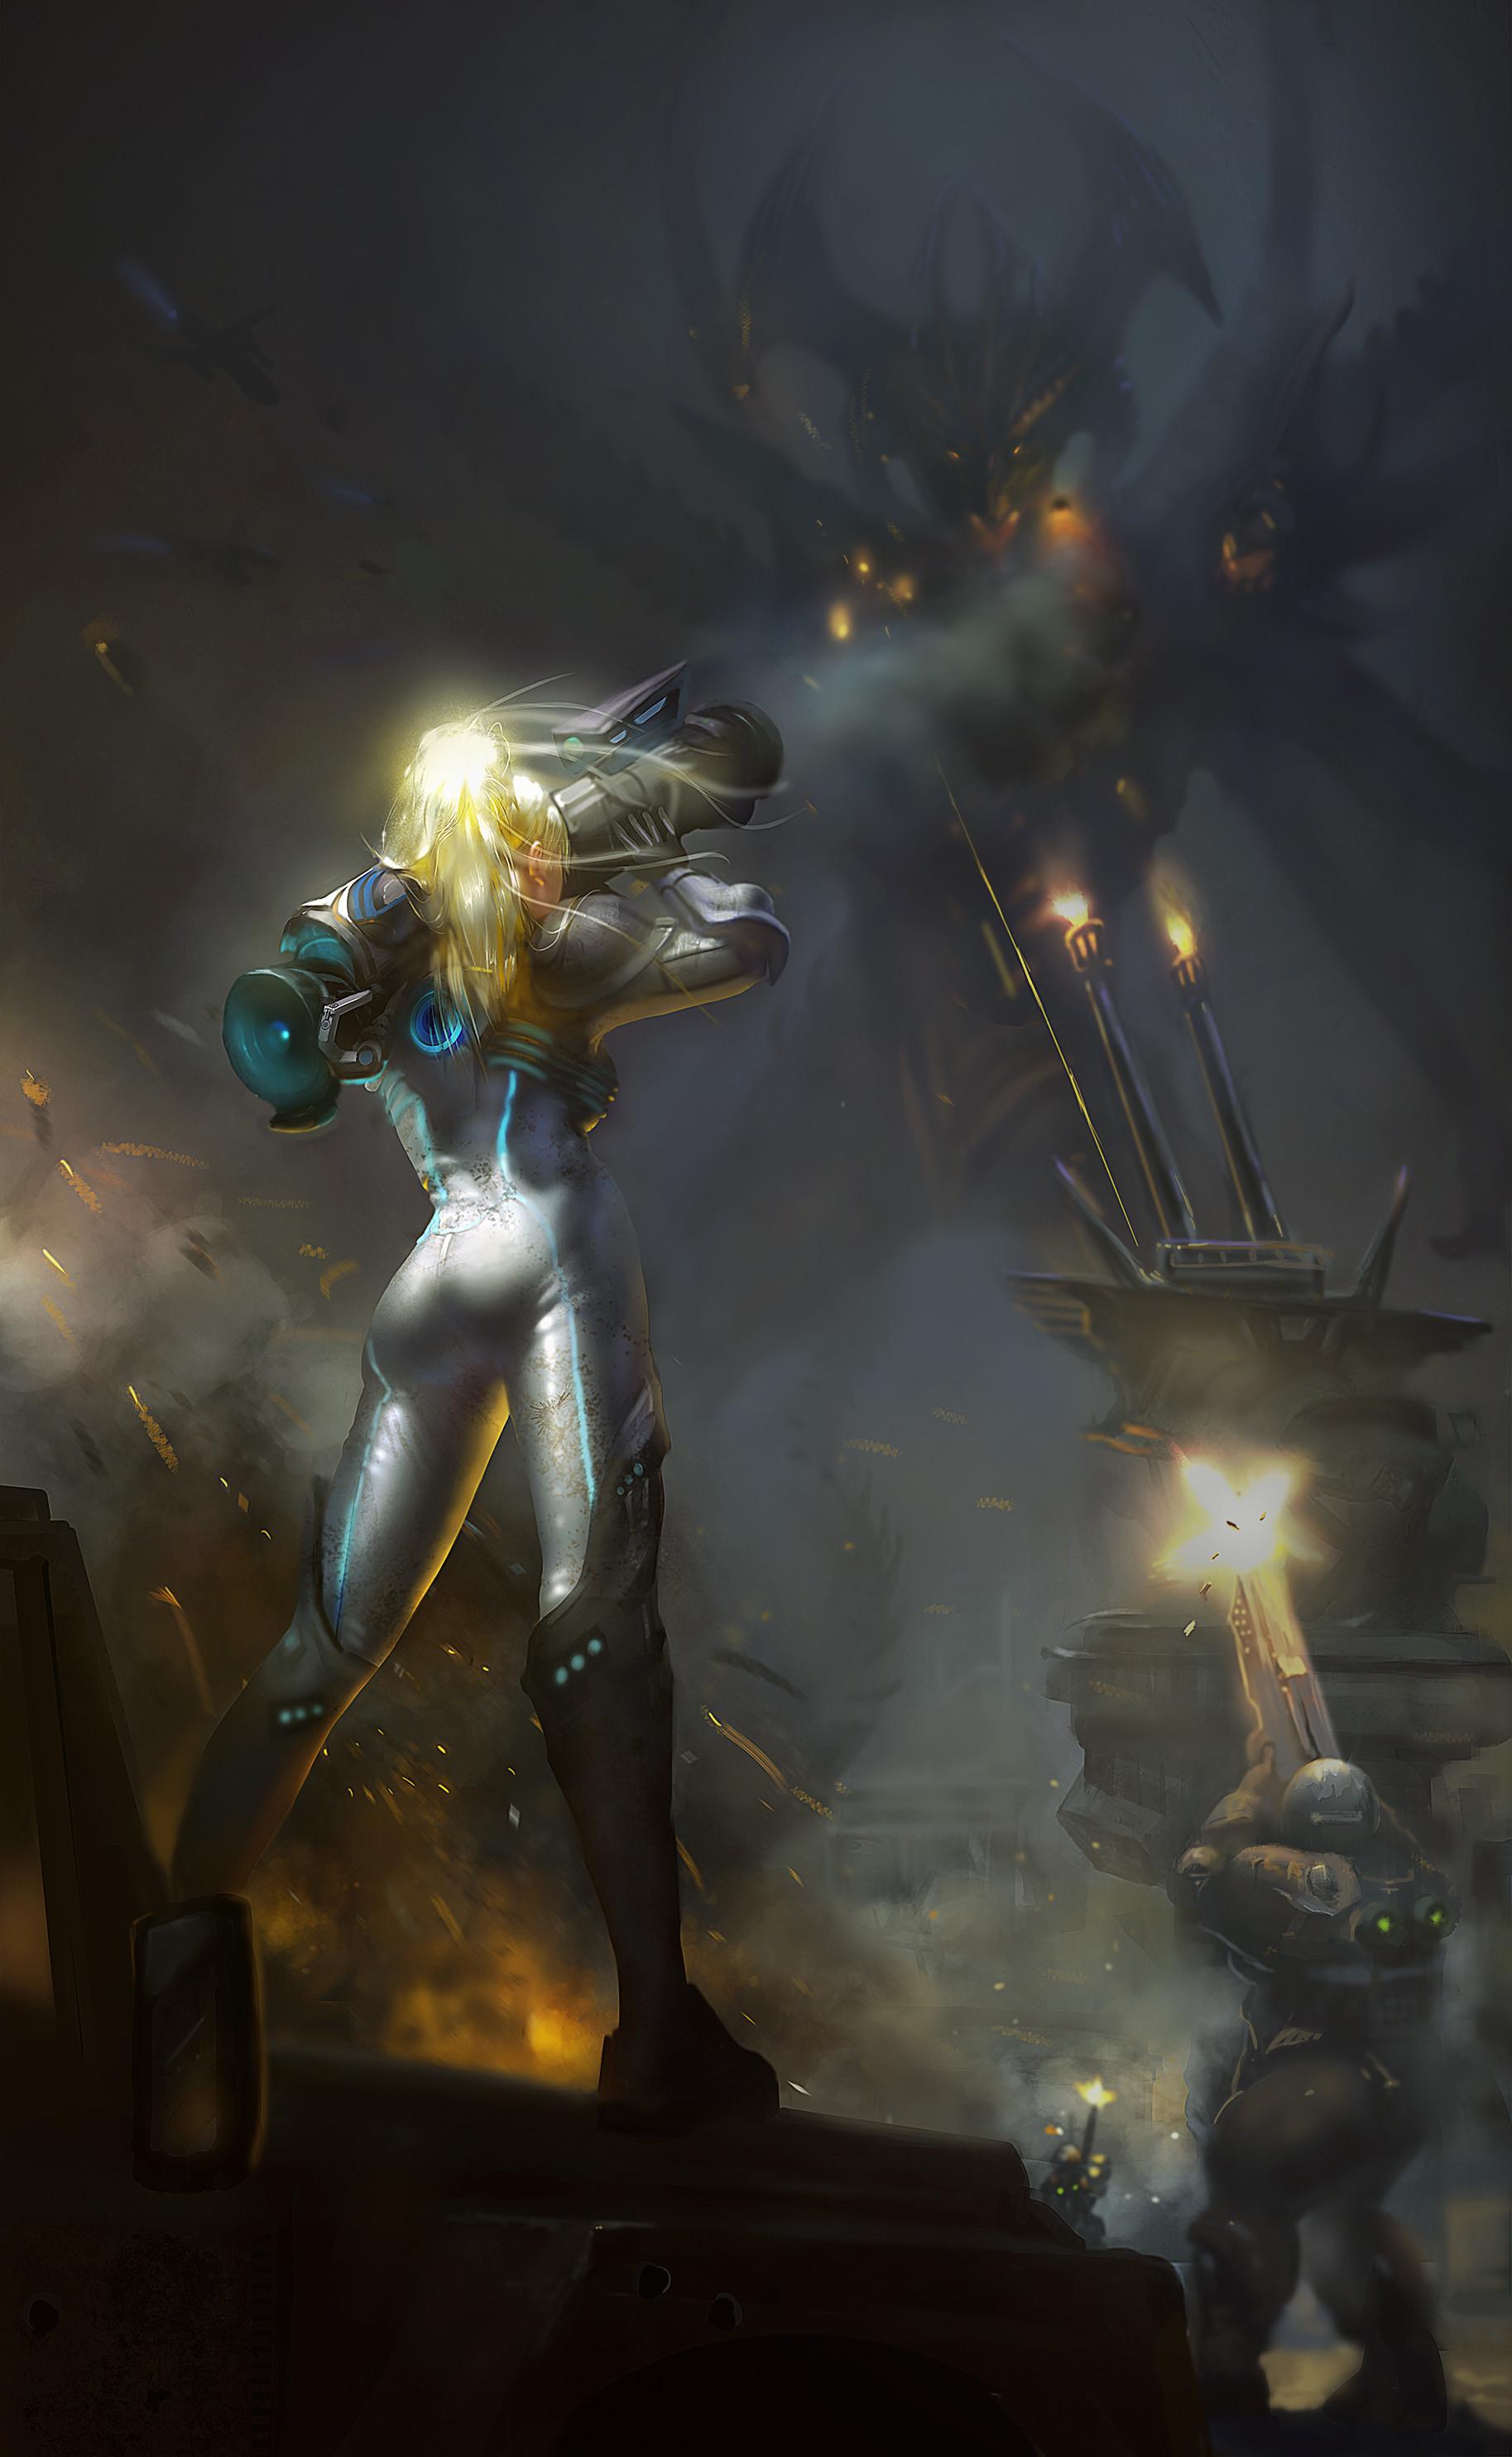 Wallpaper Gun Heroes Of The Storm Nova 1827x2968 Dretador